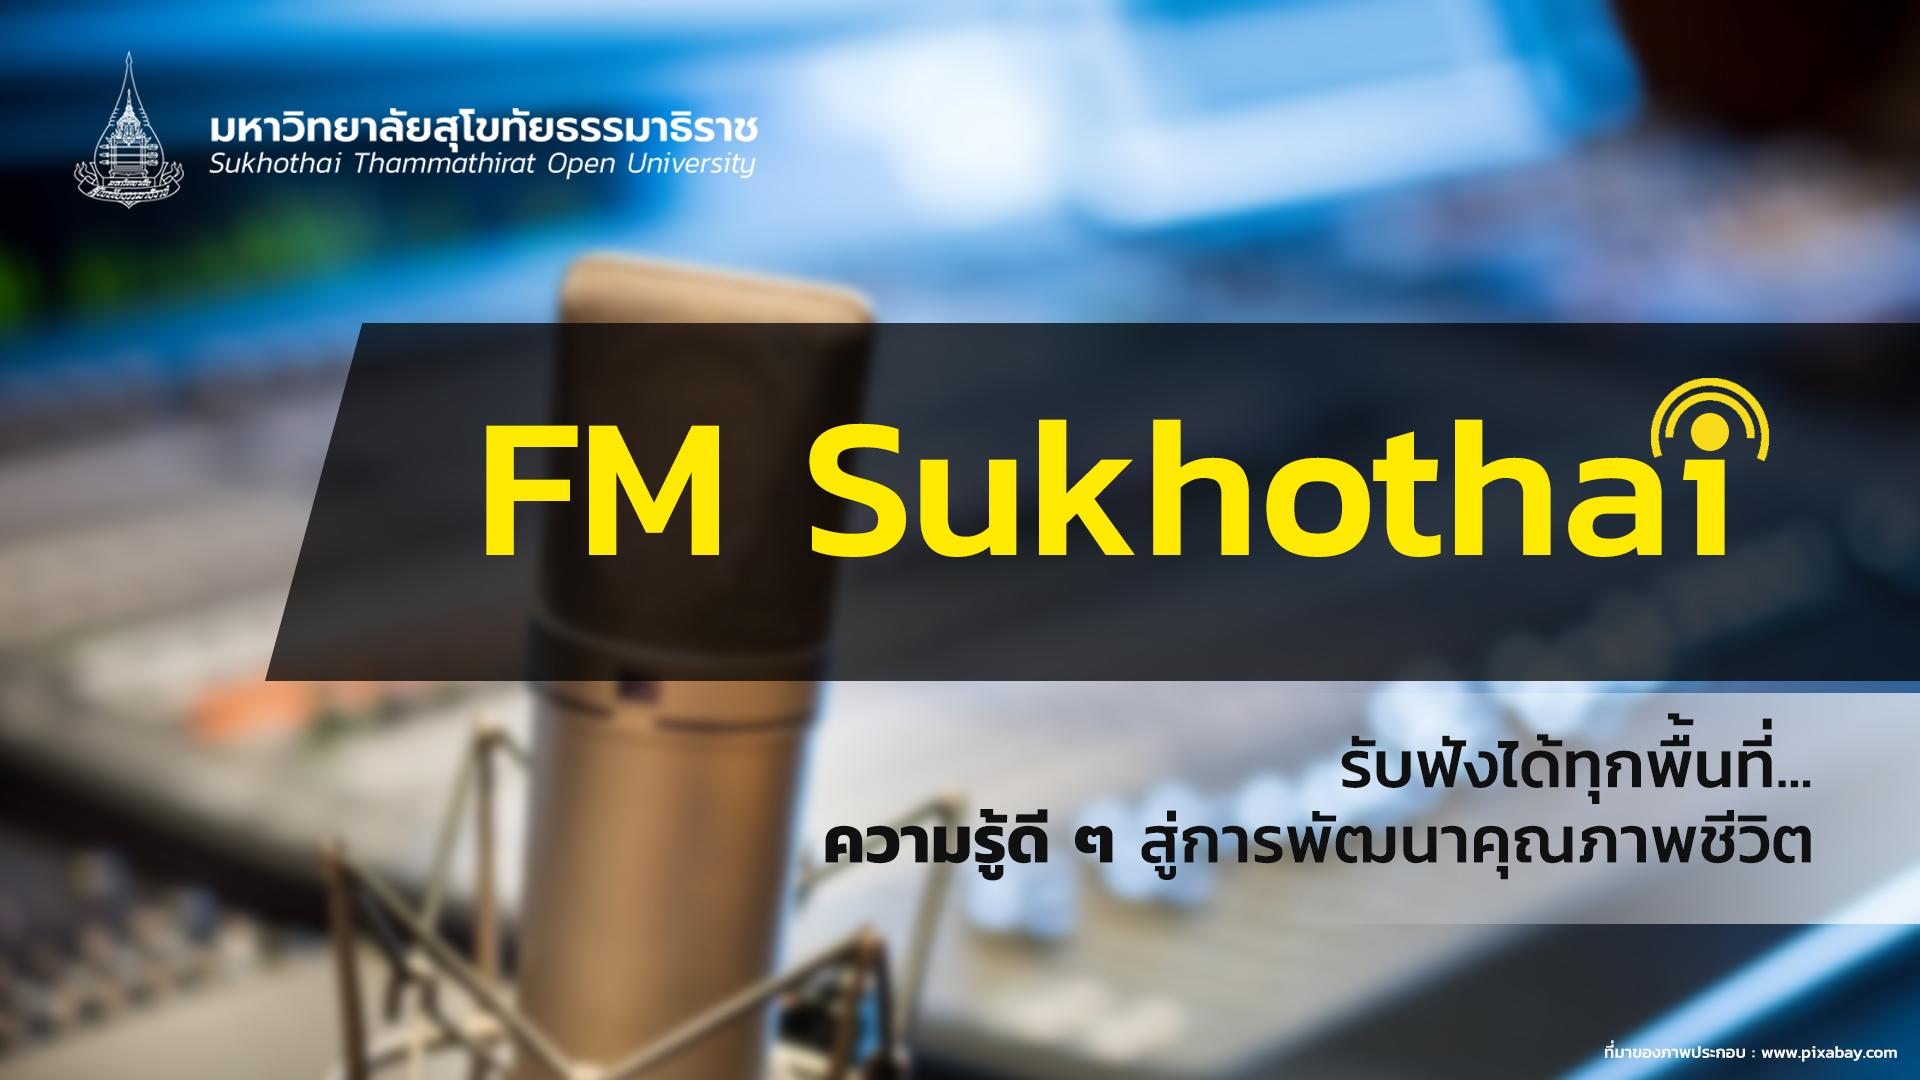 21323 การสอนกลุ่มทักษะ 1: ภาษาไทย รายการที่ 7